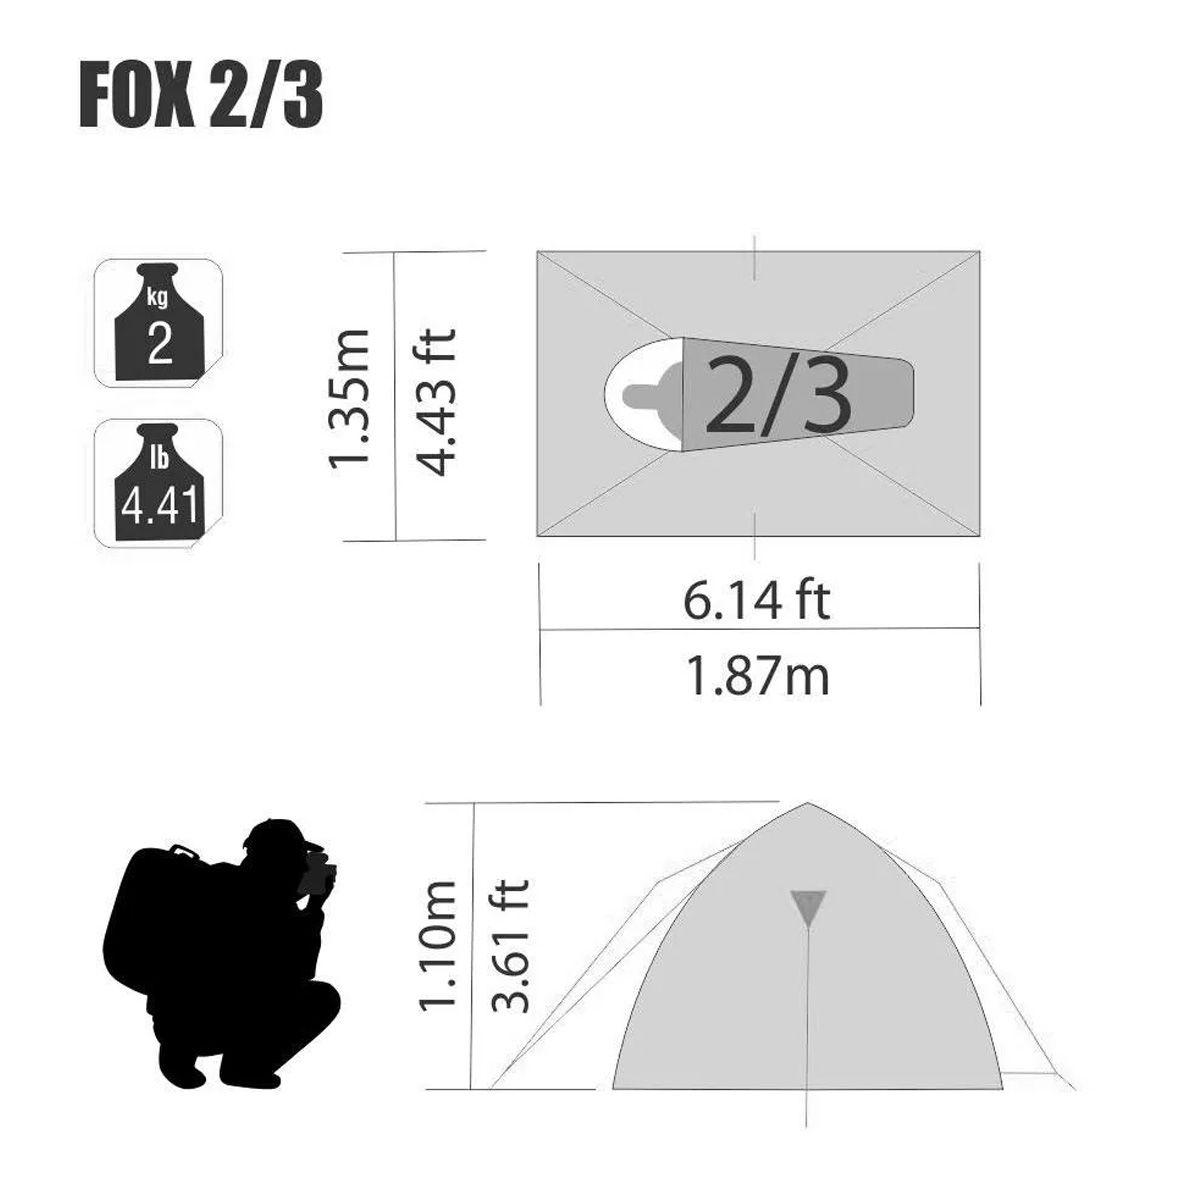 Barraca para camping Fox 2/3 NTK até 3 pessoas fácil de armar